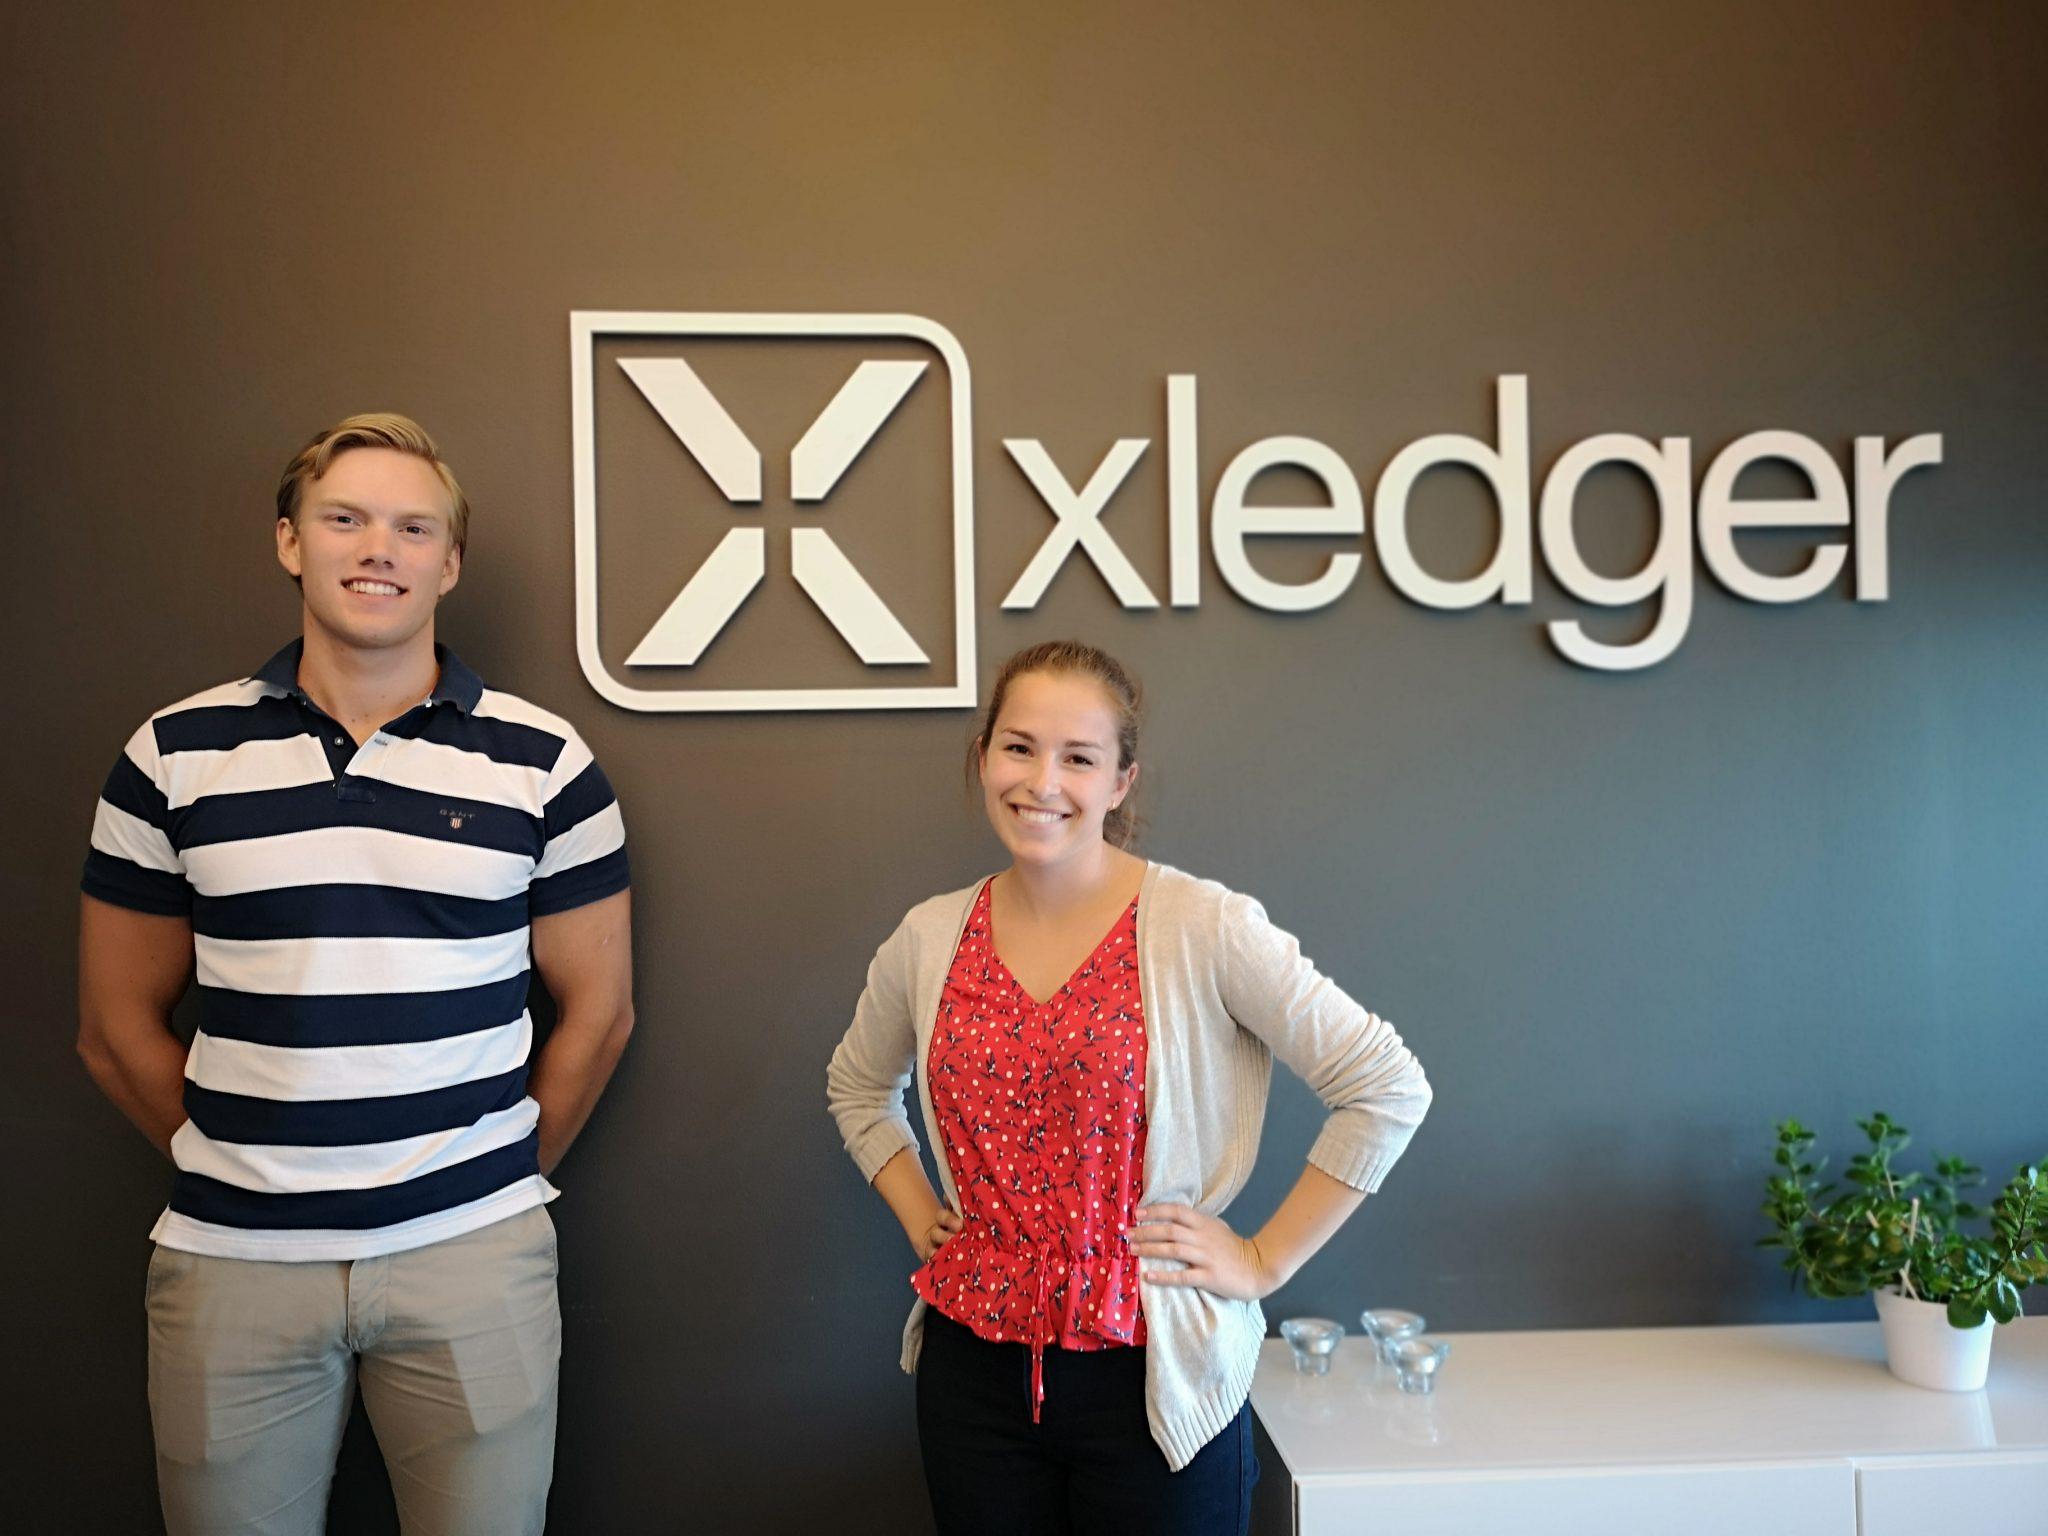 Bilde av to summer interns i Xledger 2019